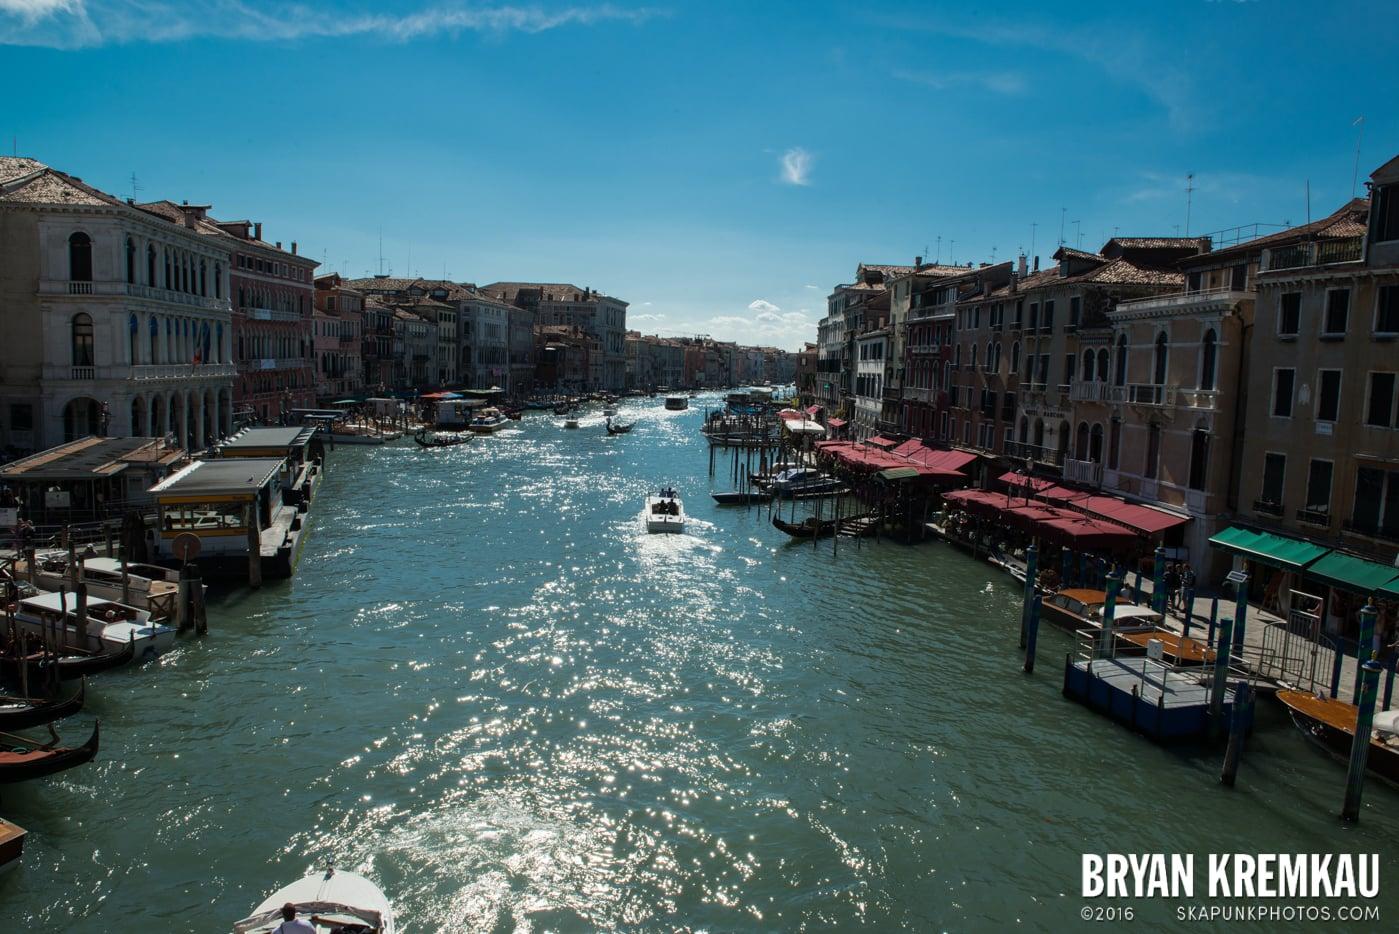 Italy Vacation - Day 4: Venice - 9.12.13 (61)